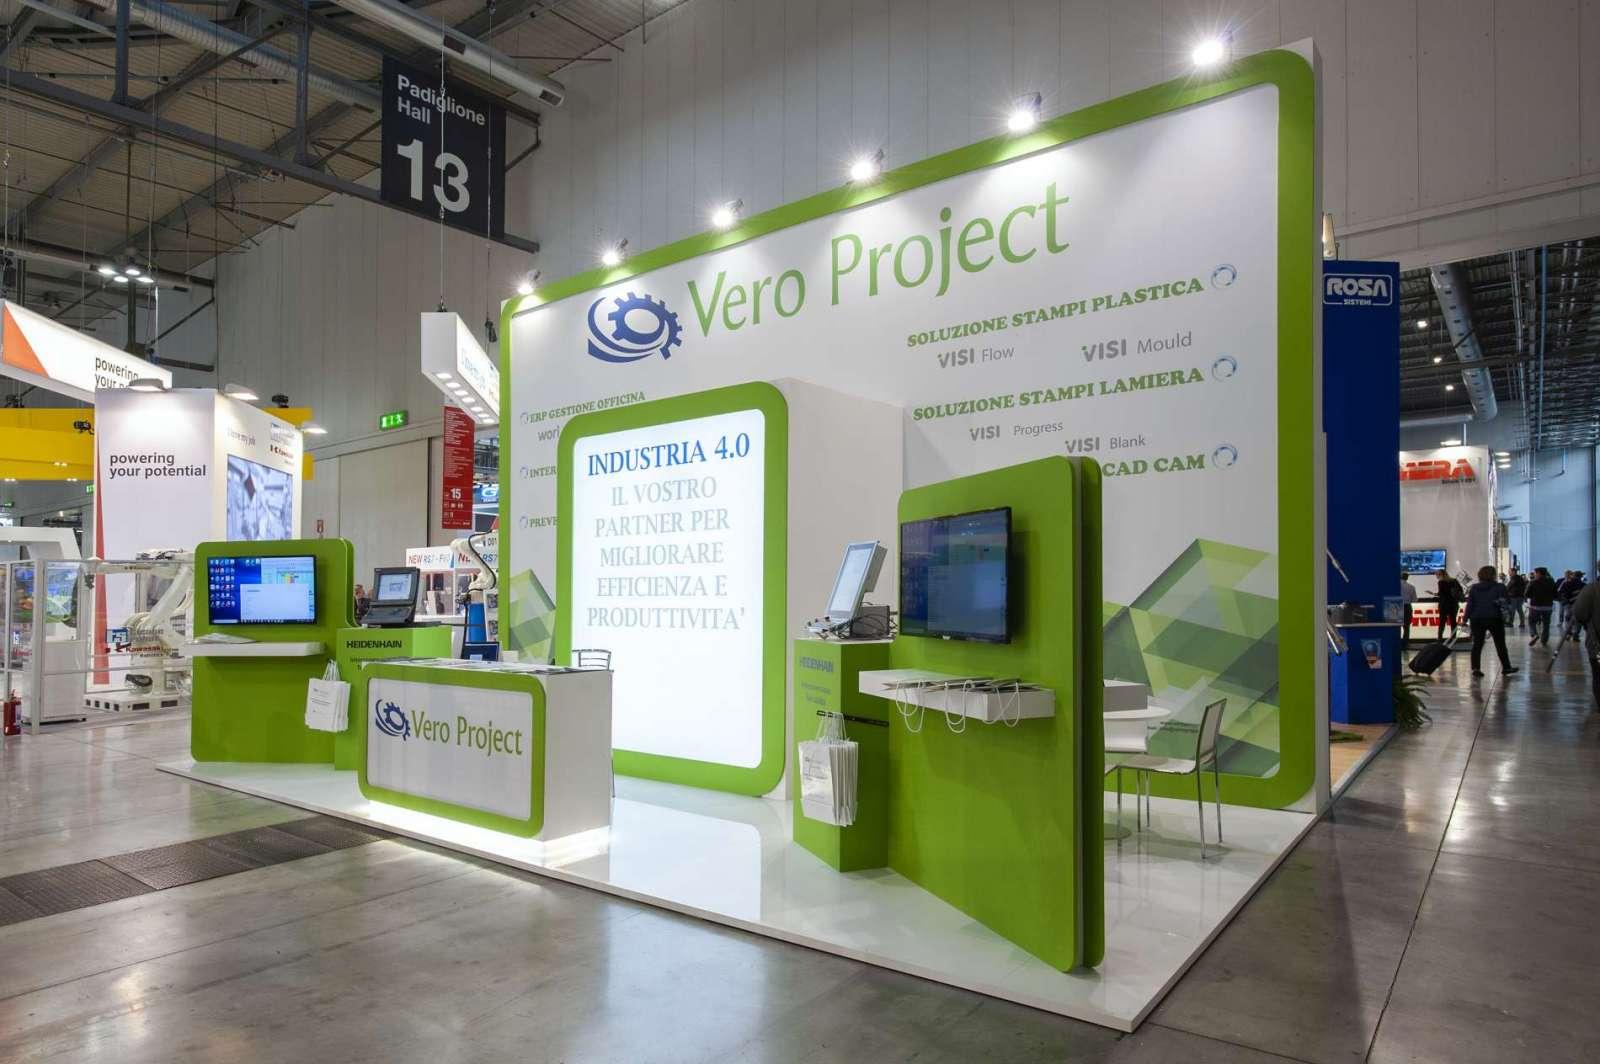 Vero Project: Stand personalizzato realizzato da Prezioso Leonardo